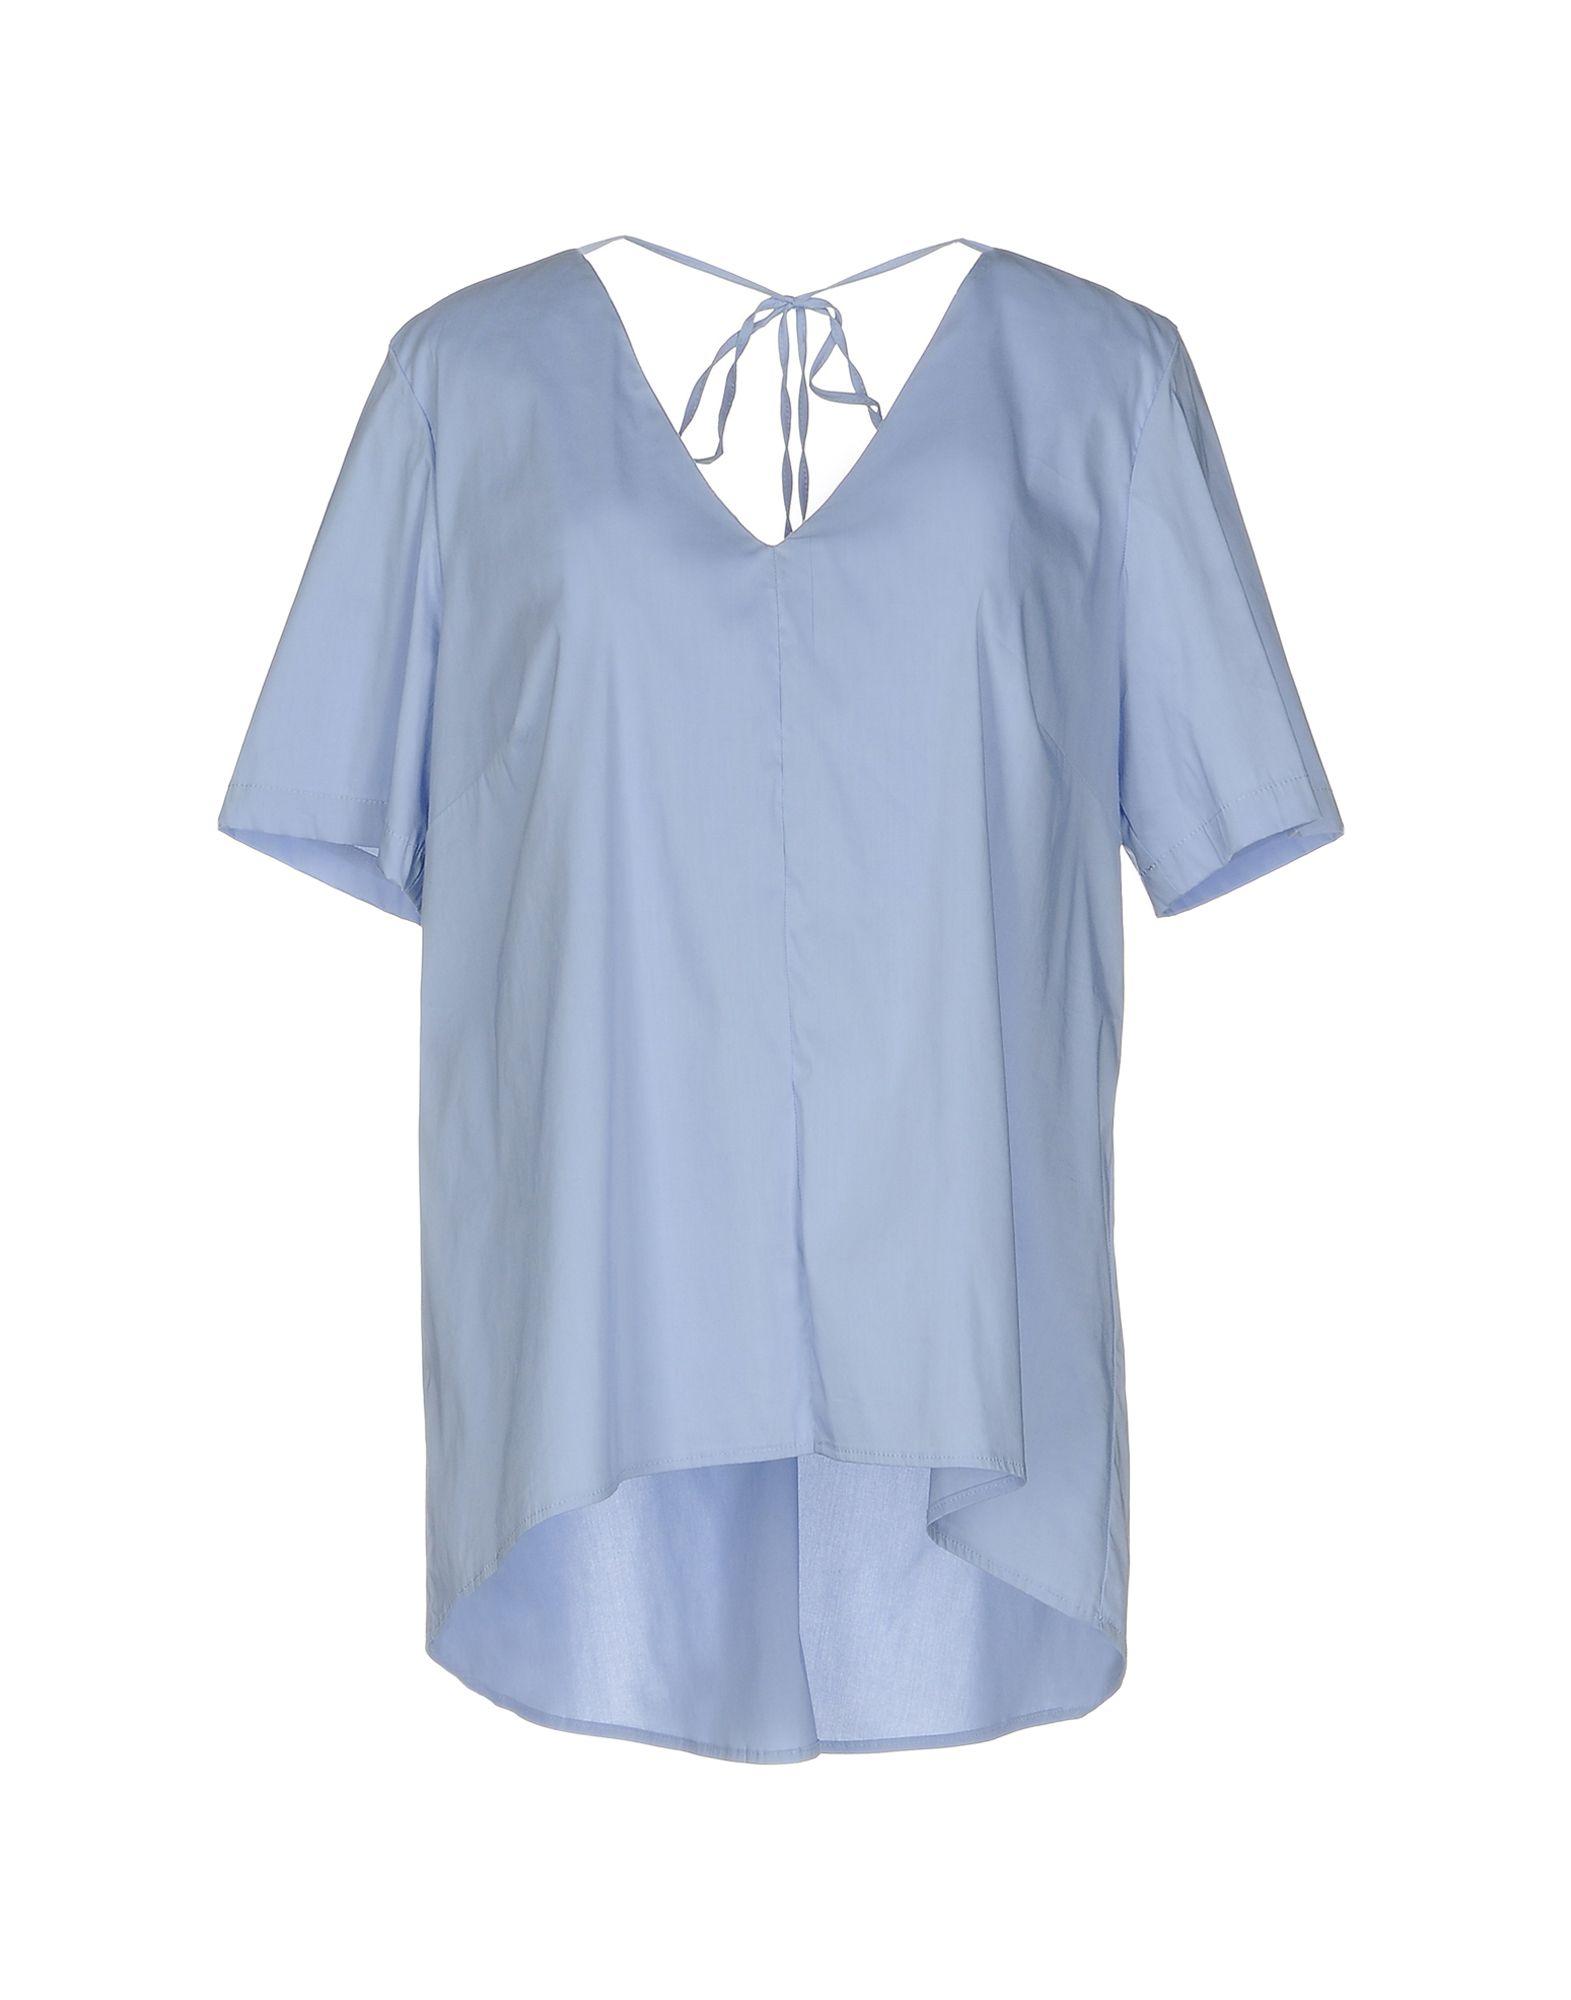 где купить LA FABRIQUE Блузка по лучшей цене